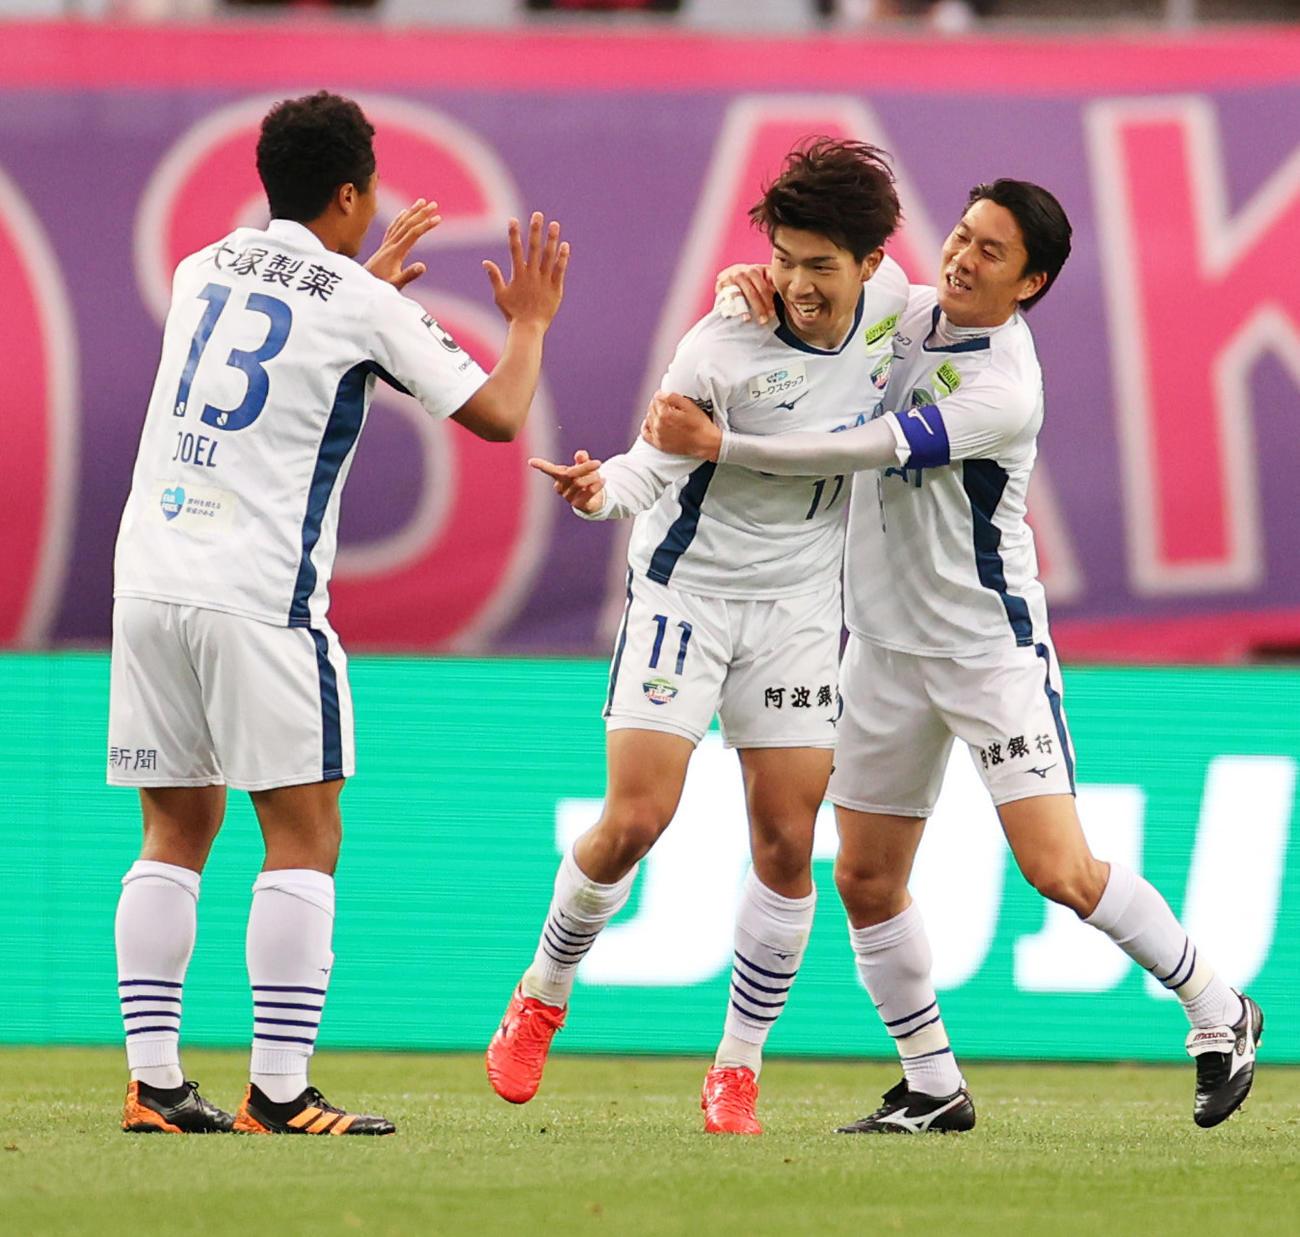 C大阪対徳島 前半、先制ゴールを決め、喜び合う徳島MF宮代(中央11)(撮影・清水貴仁)